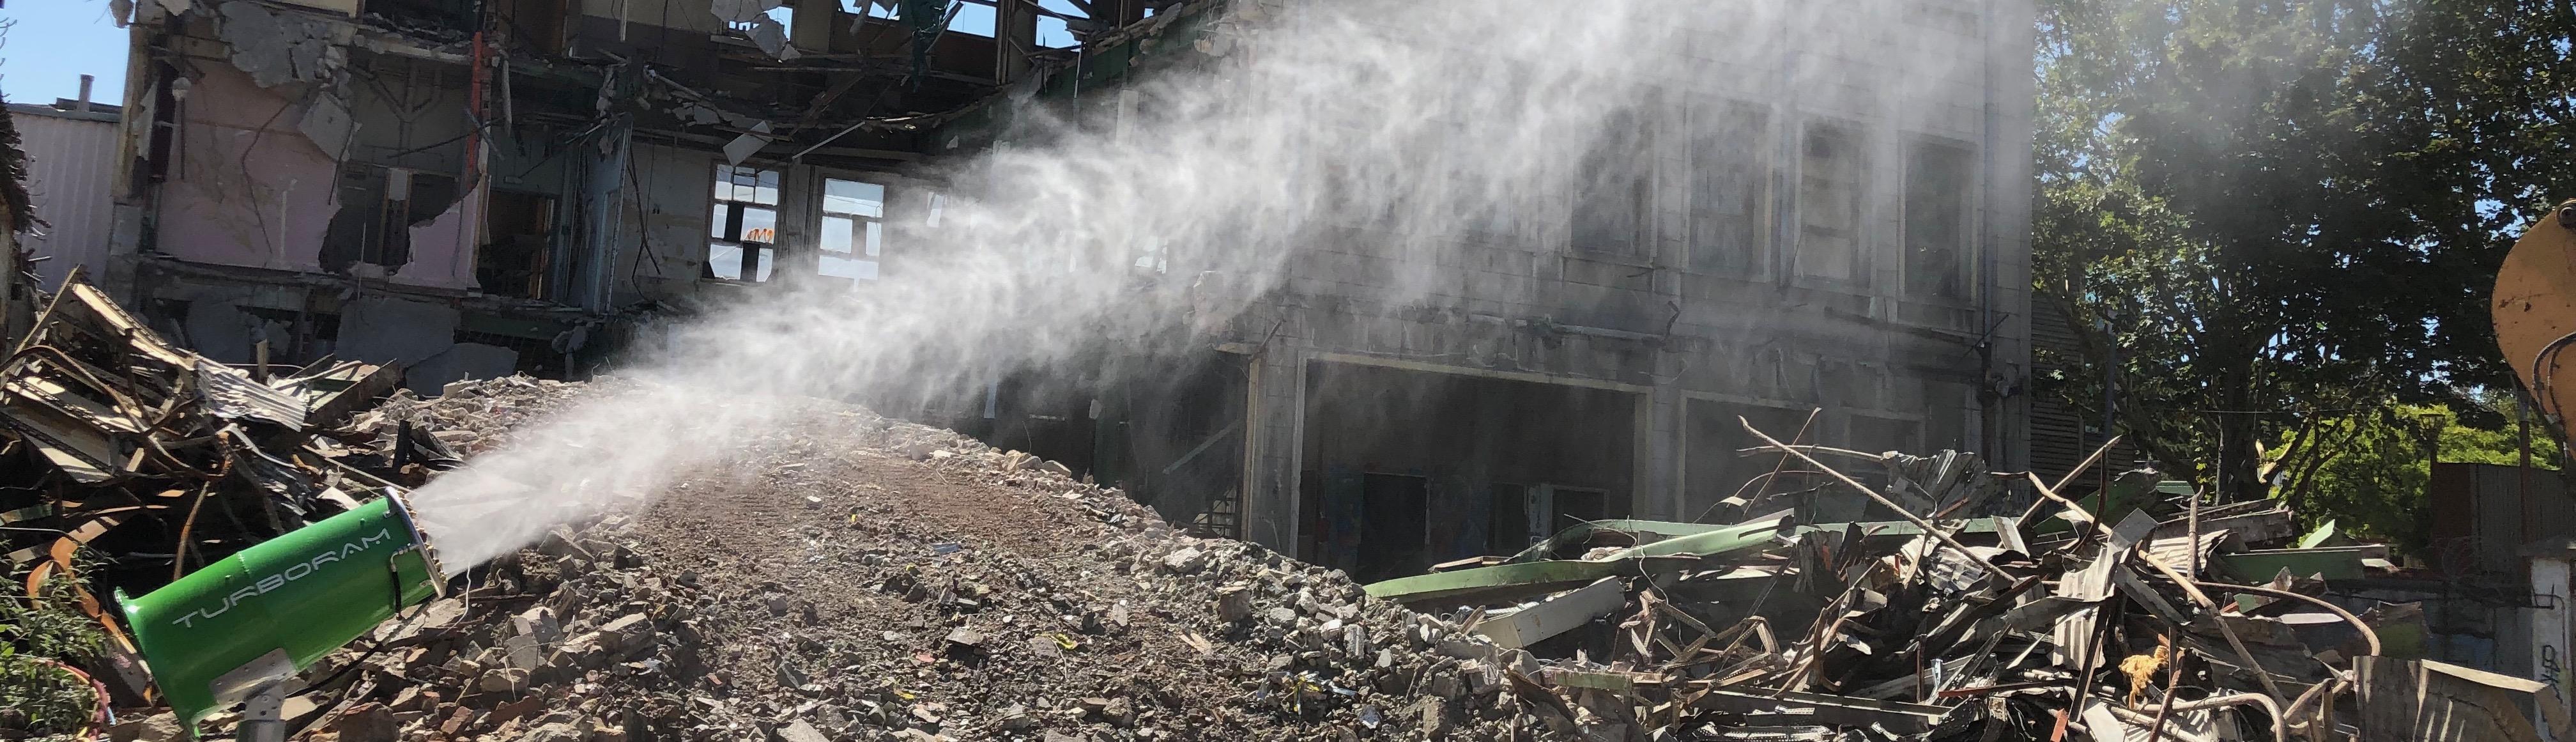 Le TURBORAM TRD40 est un brumisateur de moyenne portée principalement destiné aux travaux de démolition, de dépollution, du BTP, et aux activités de recyclage. Mobile